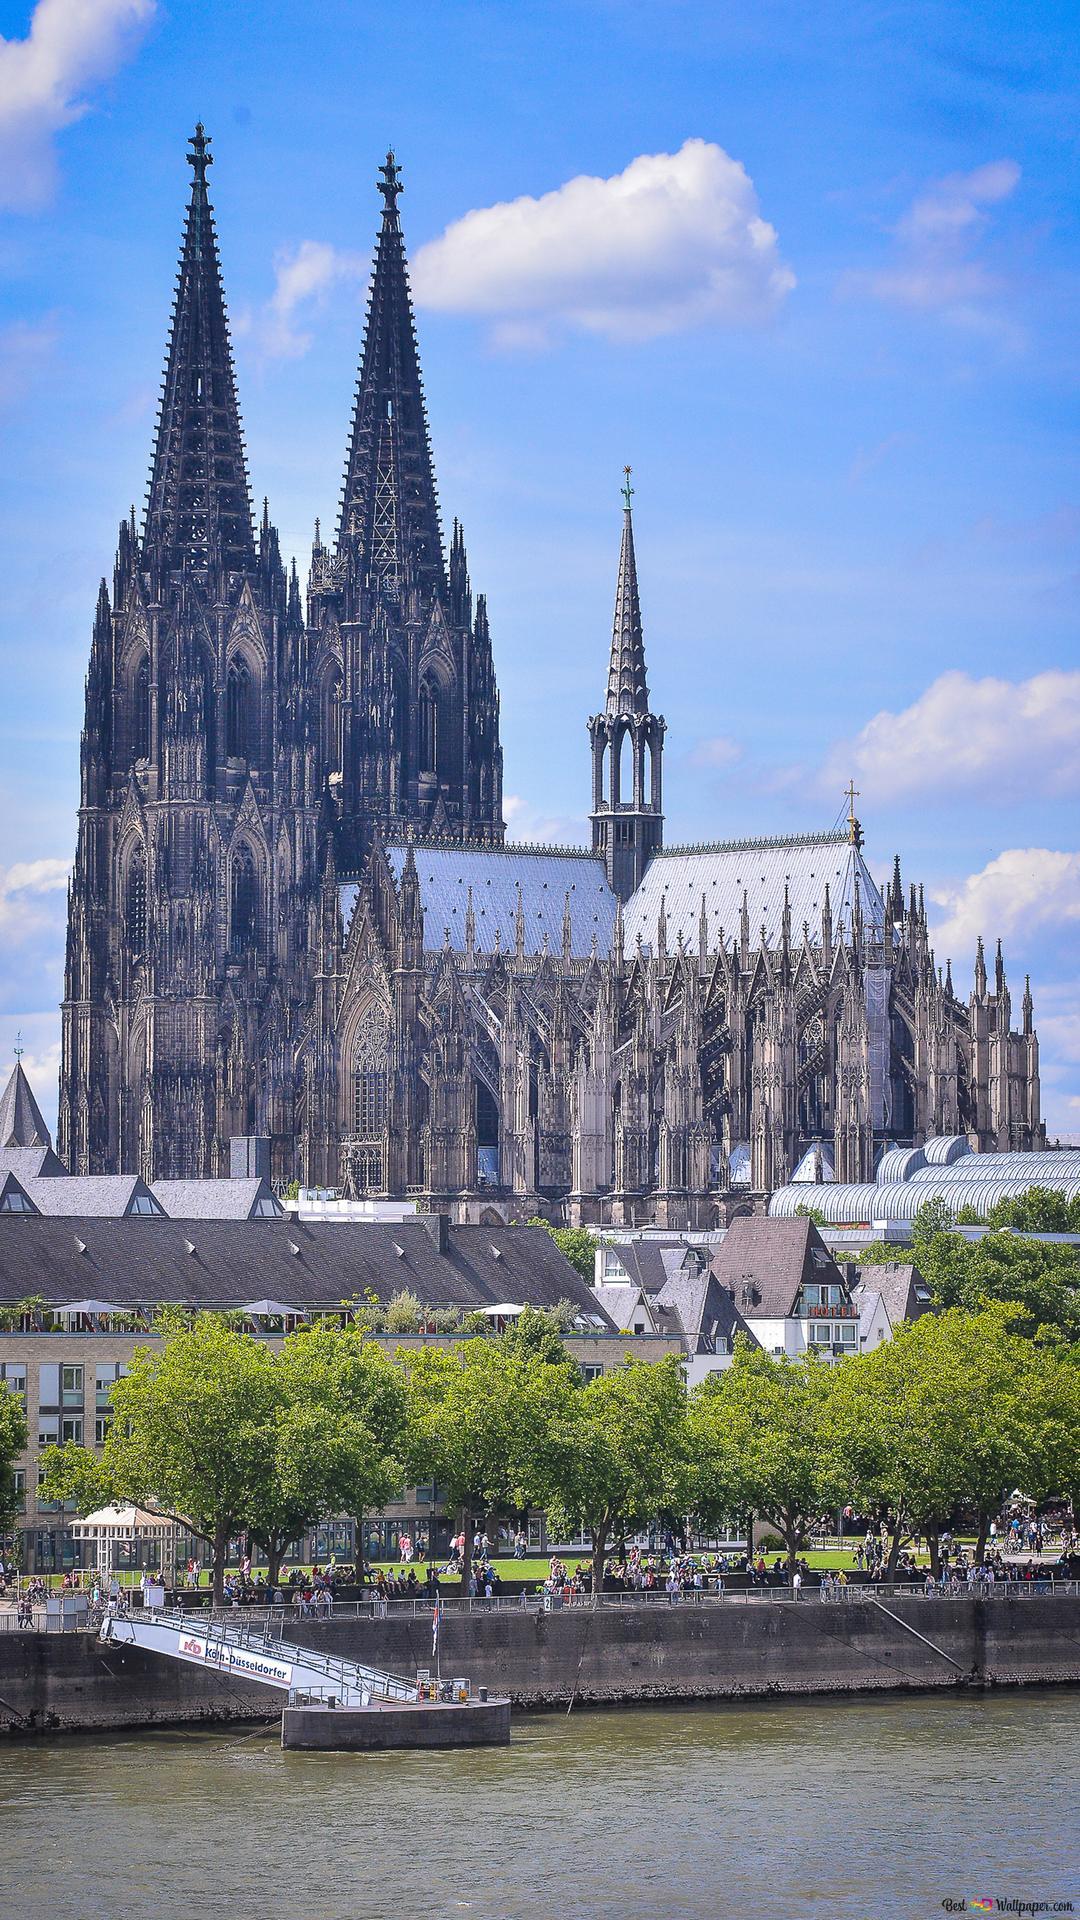 ケルン大聖堂 ケルン ドイツのライン川 Hd壁紙のダウンロード